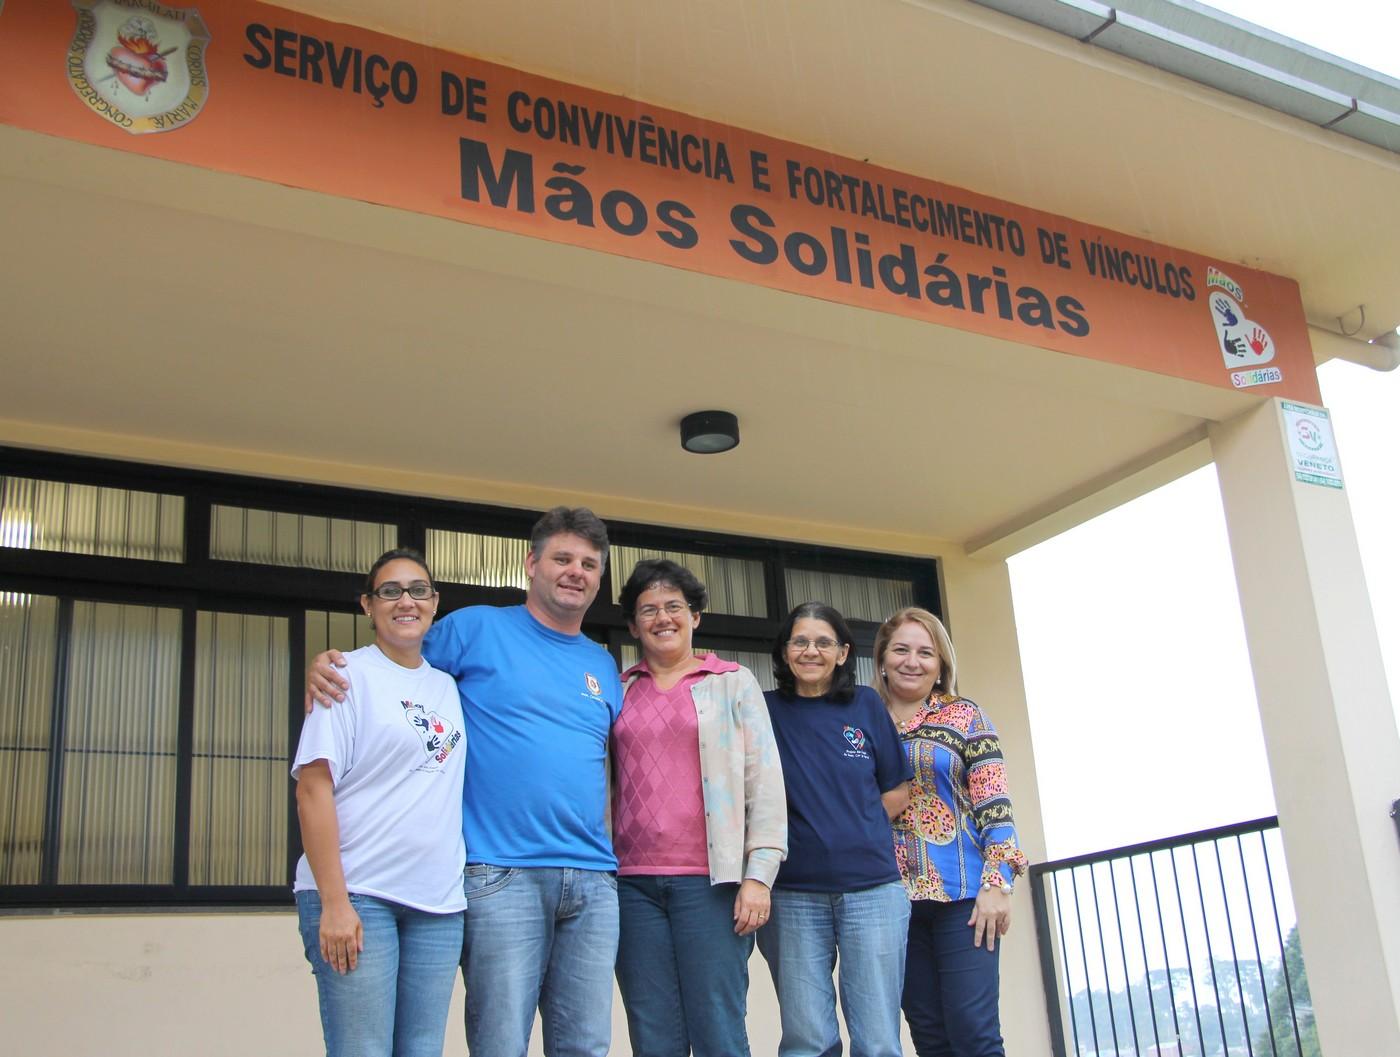 Equipe do projeto Mãos Solidárias